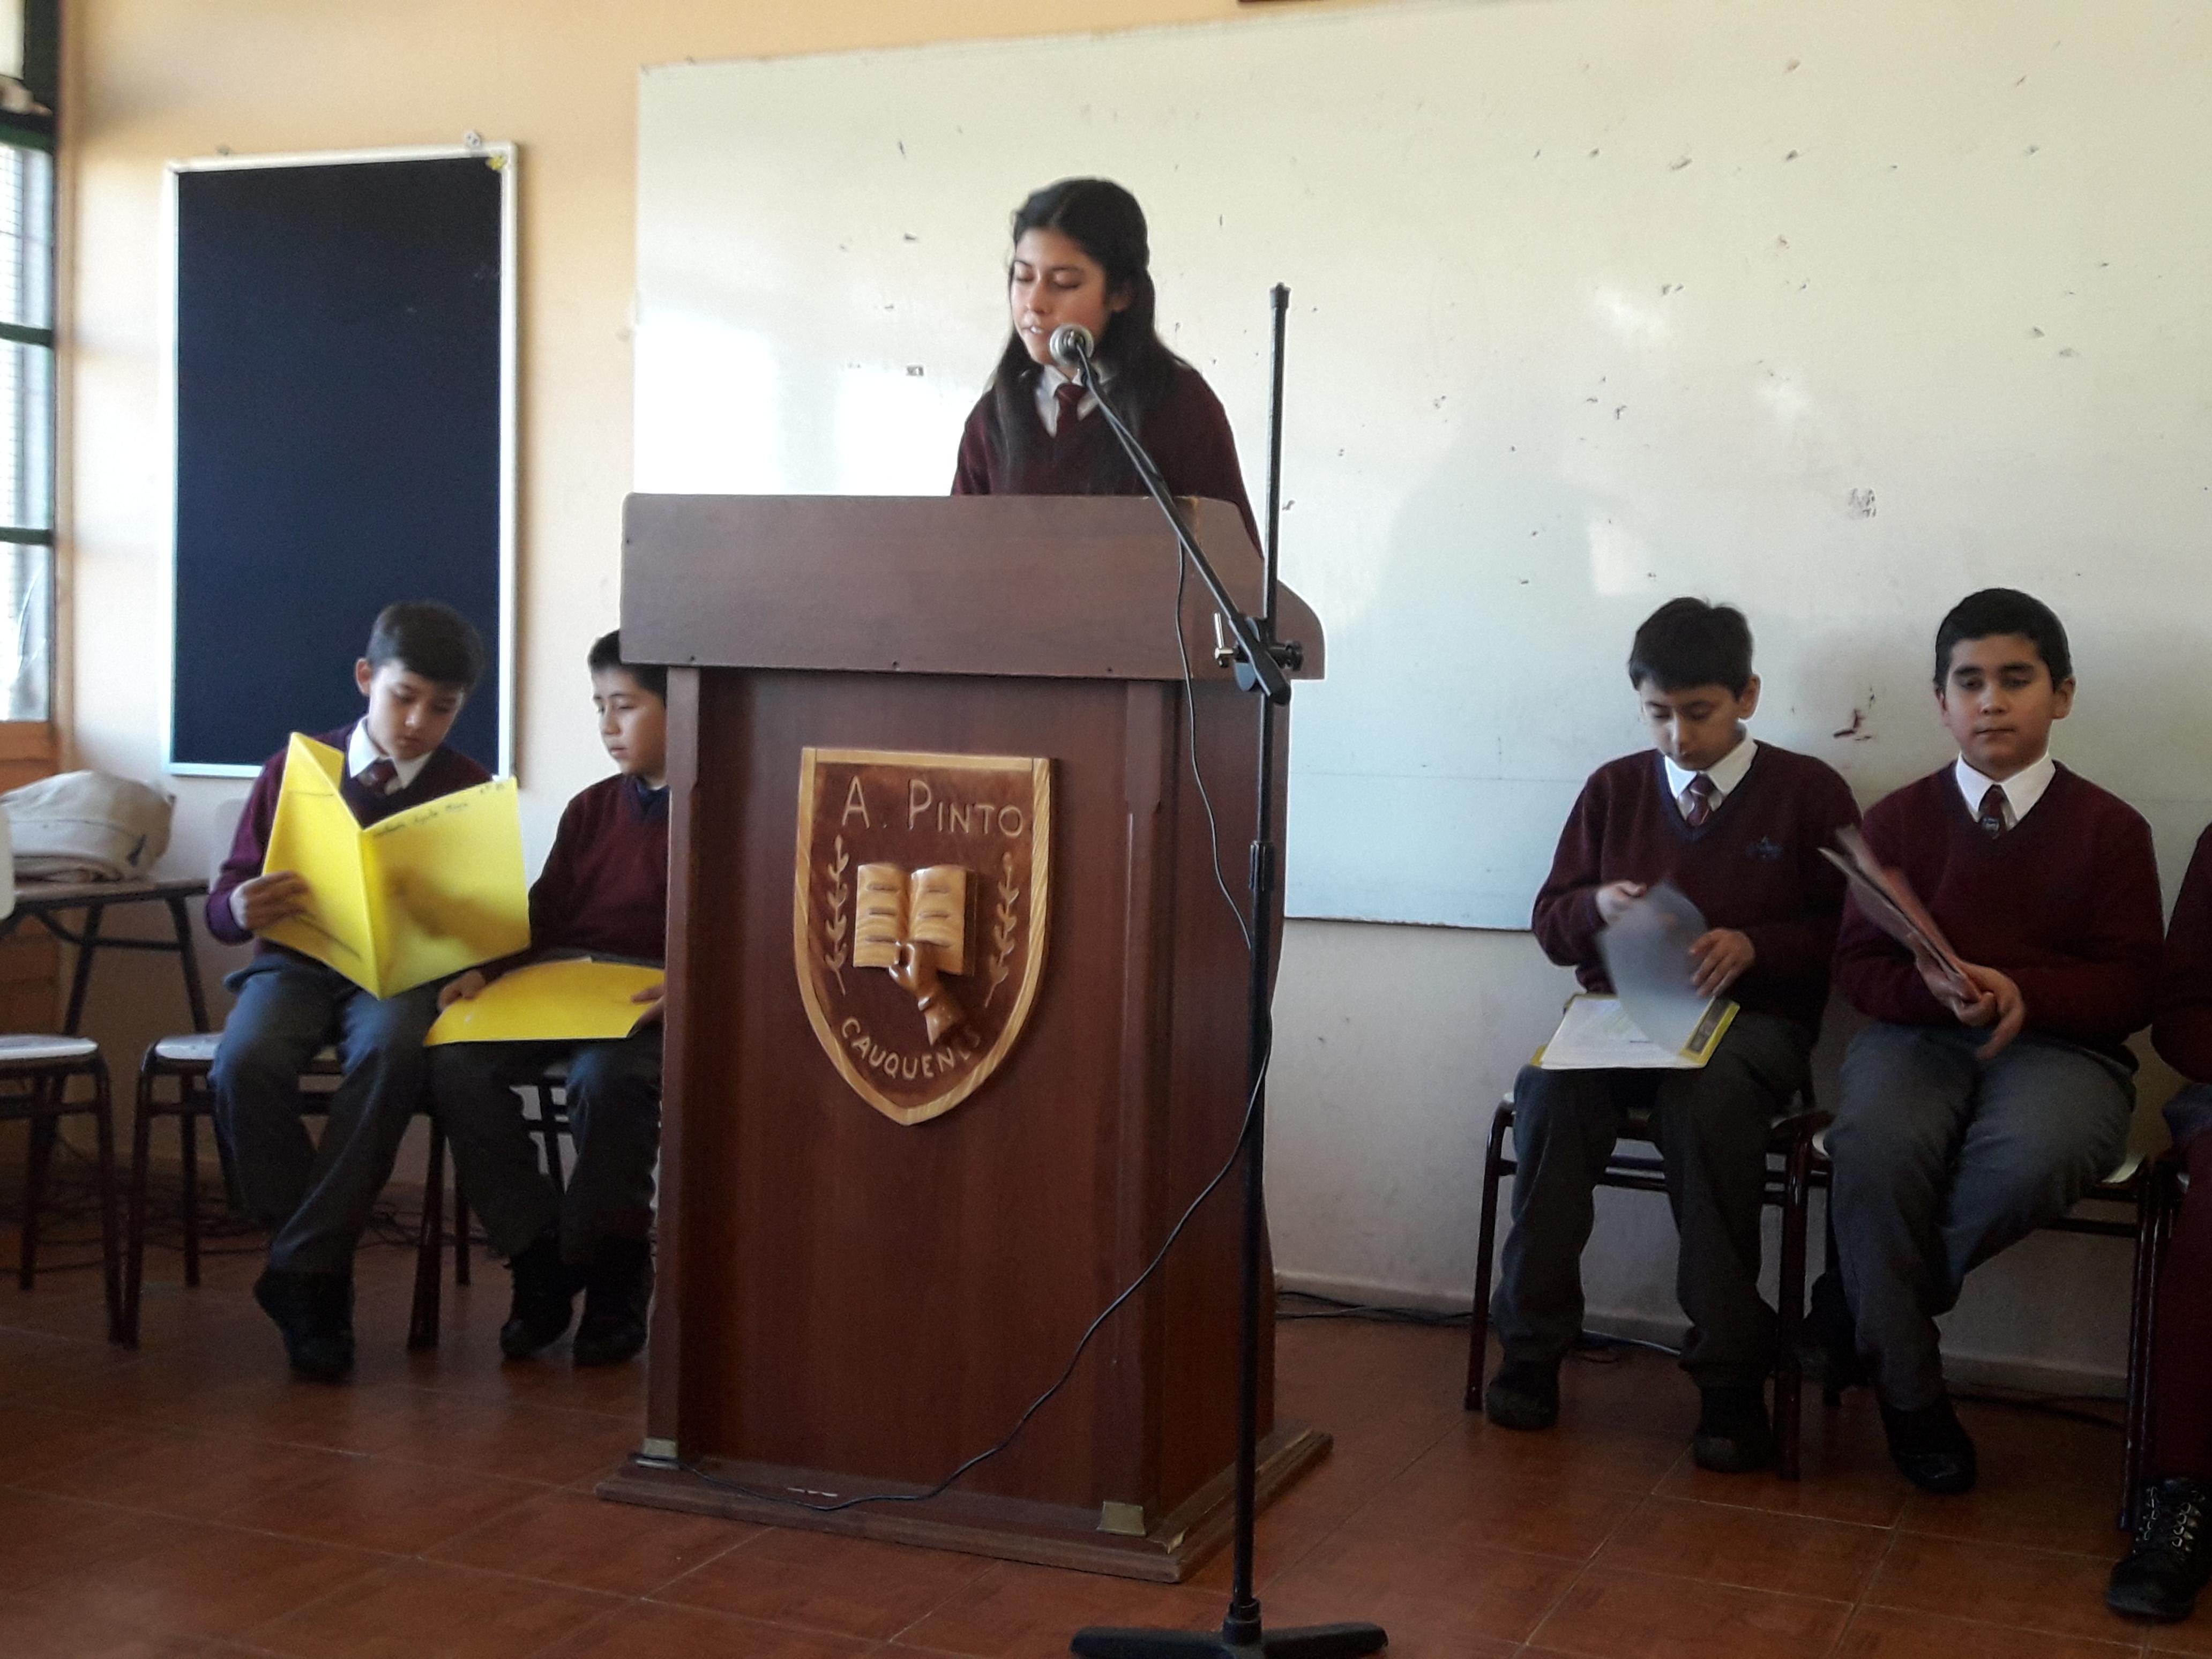 Escuela Aníbal Pinto